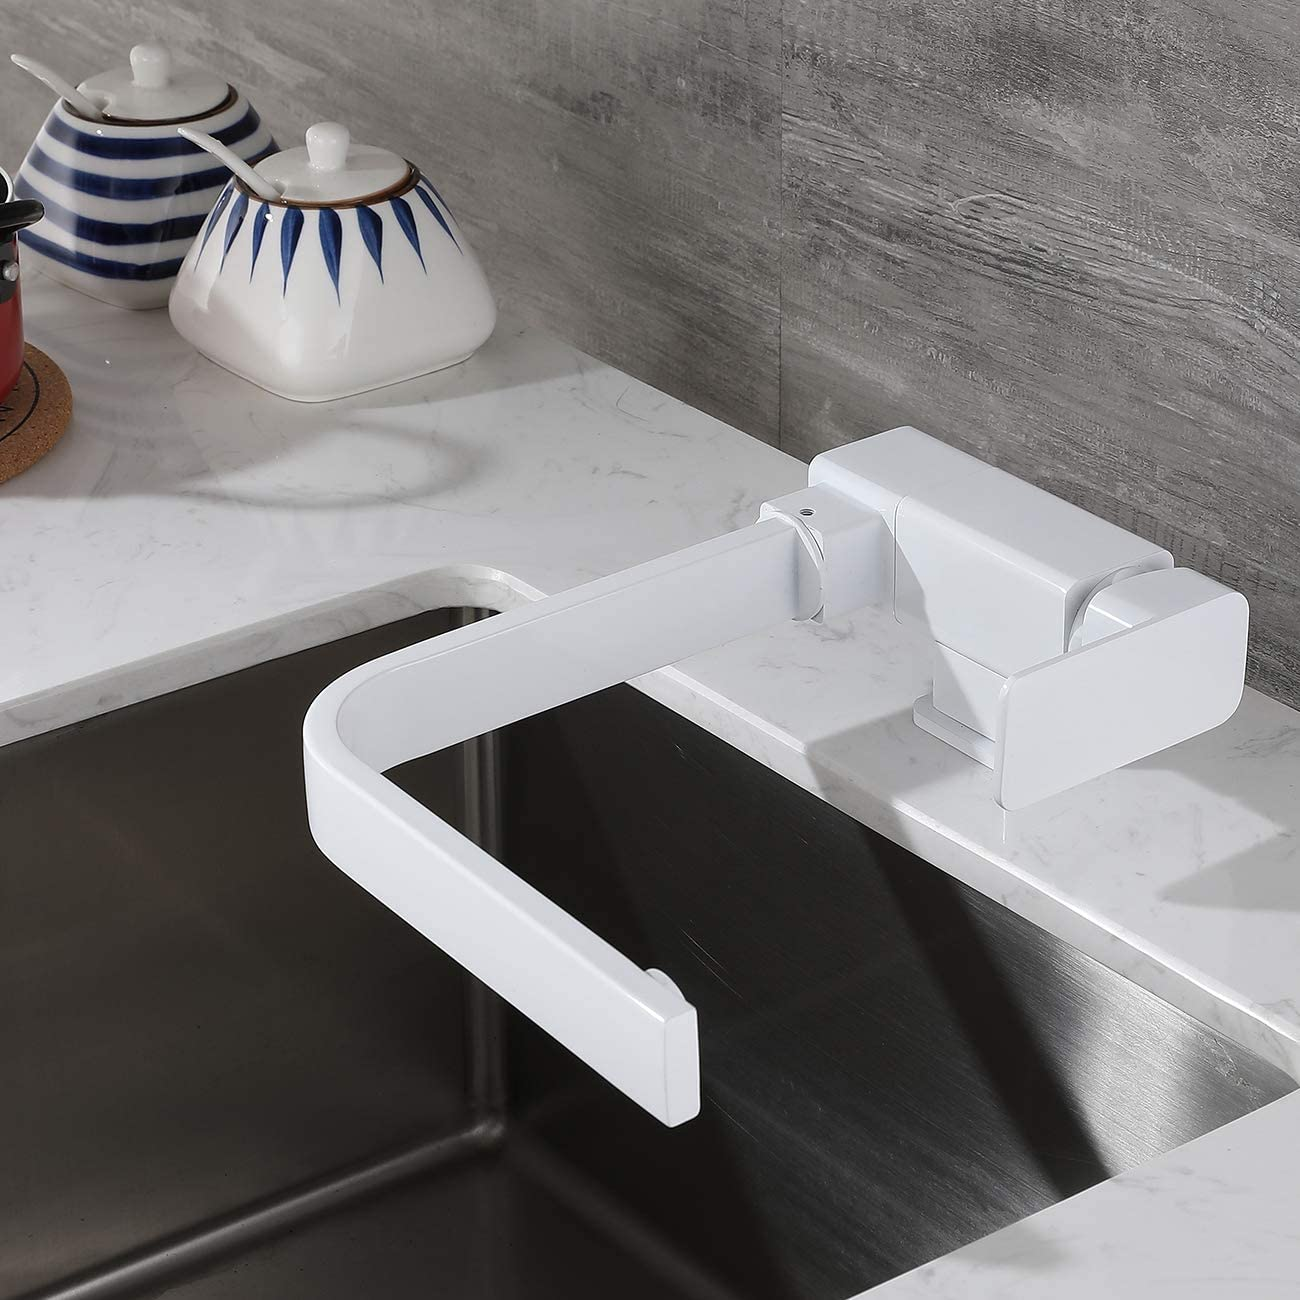 Grifo De Agua Fr/ía Y Caliente Giratorio Grifo Creativo Ventana Interior Plegable Fregadero De Cocina SJQKA Grifo Cocina Abatible Blanco Todo De Cobre